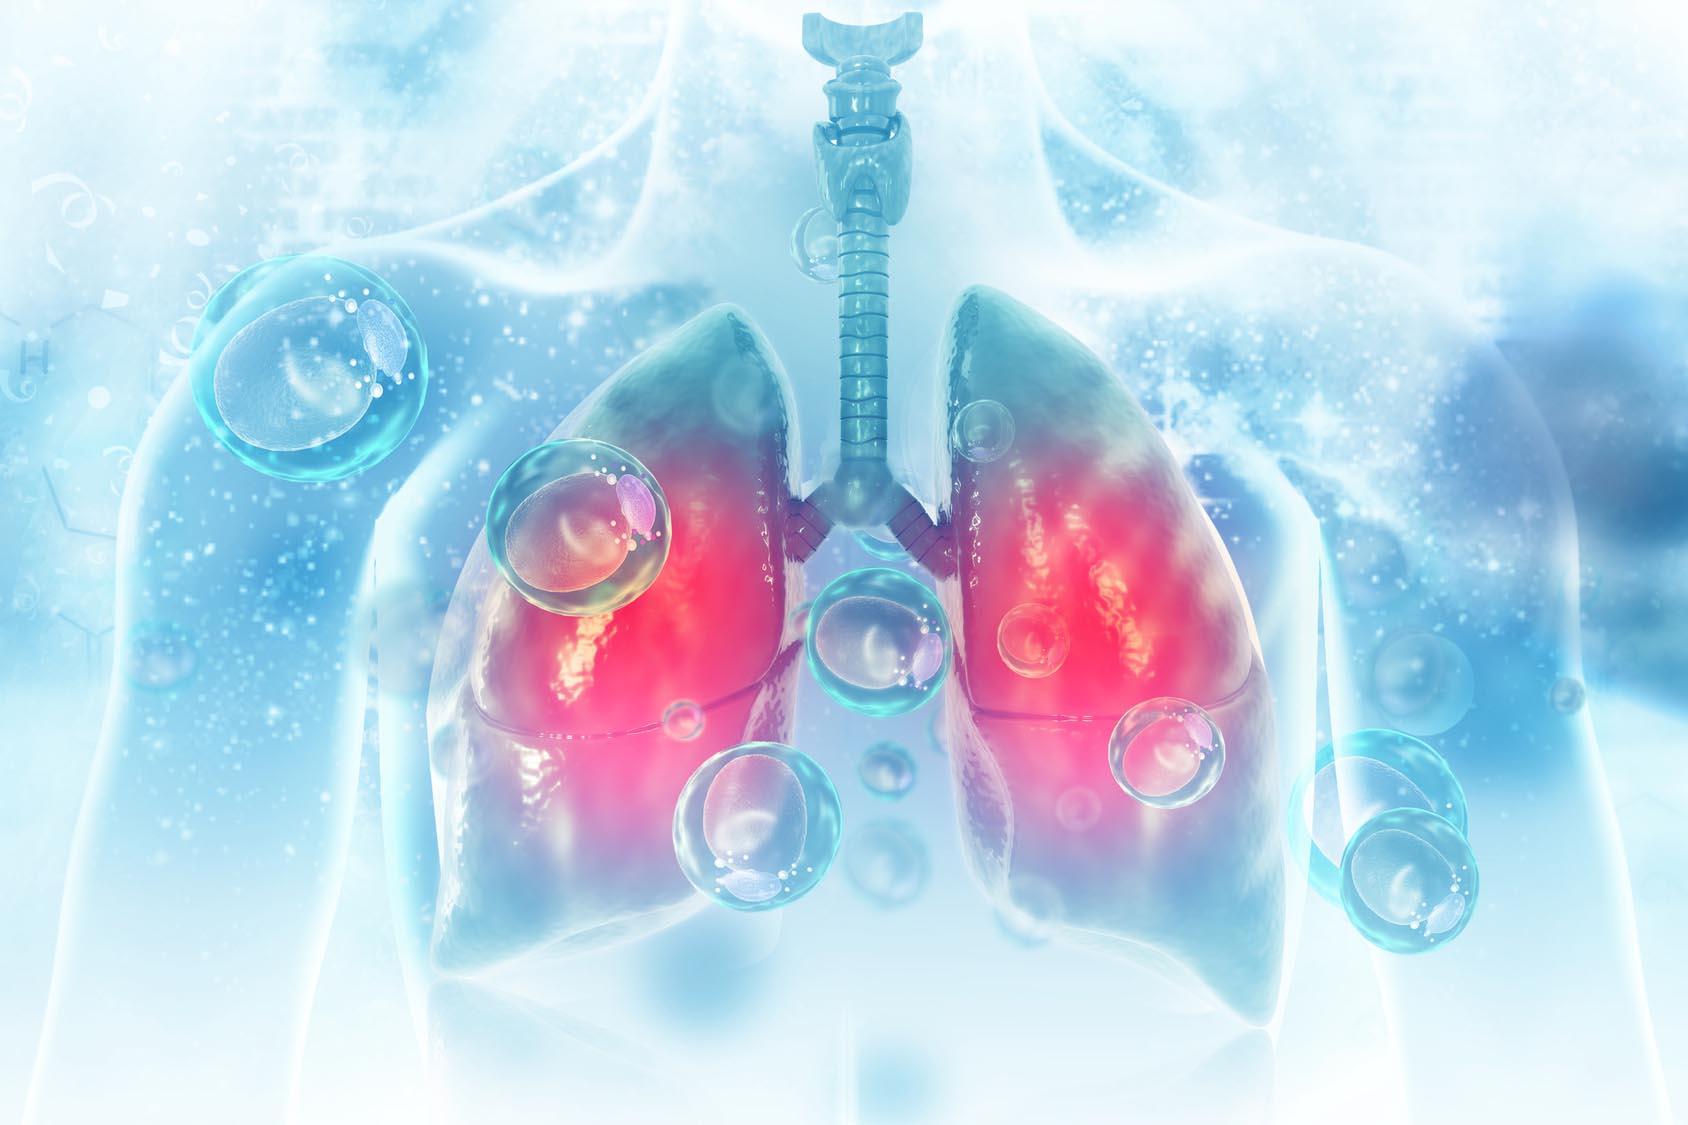 ضيق التنفس بين الآم الجسدية والنفسية